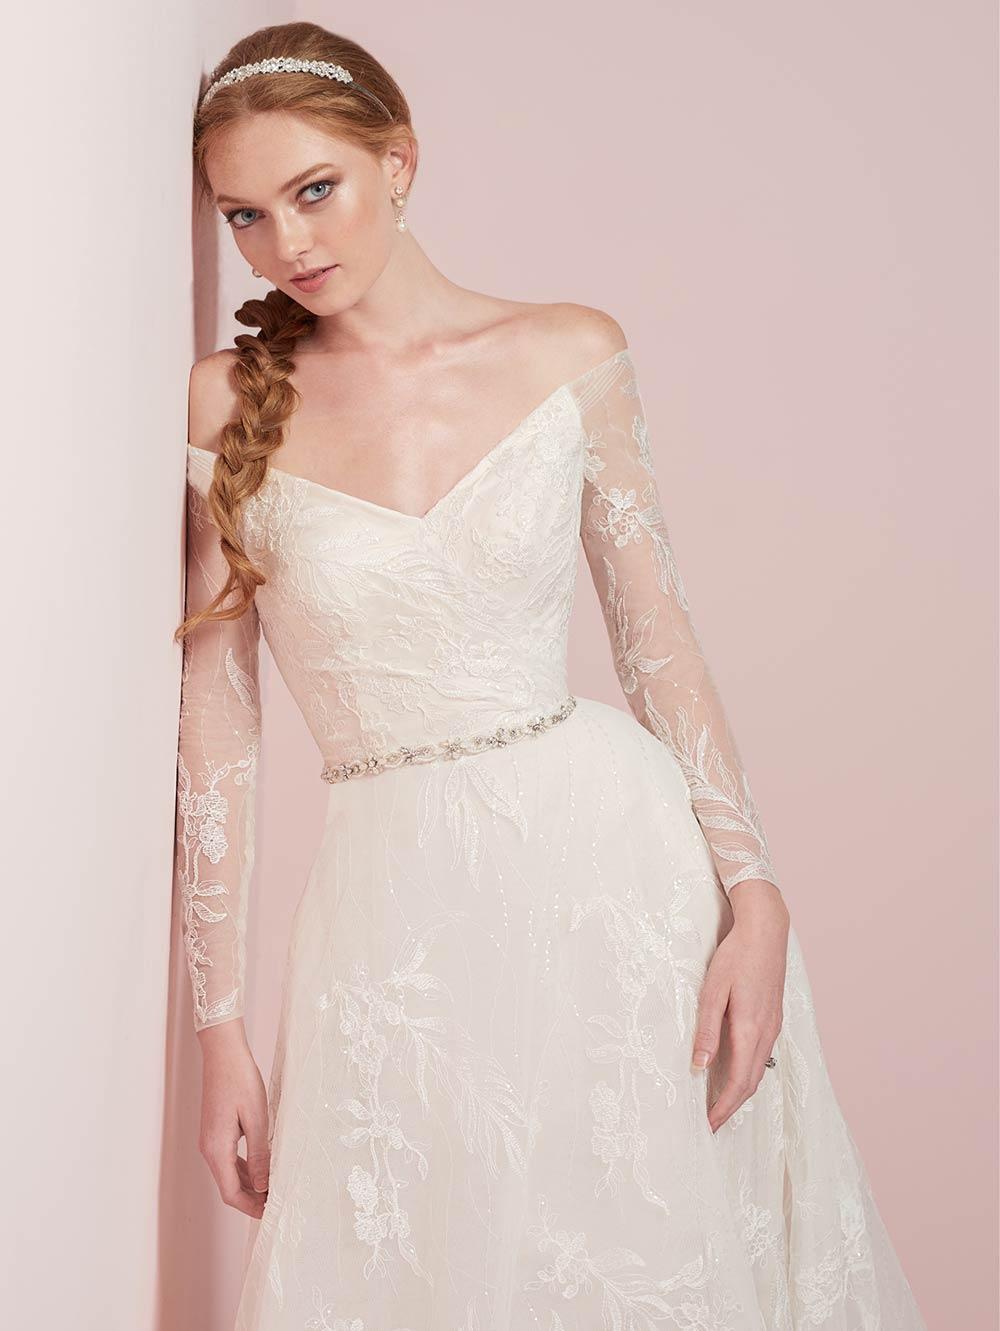 bridal-gowns-jacquelin-bridals-canada-27617